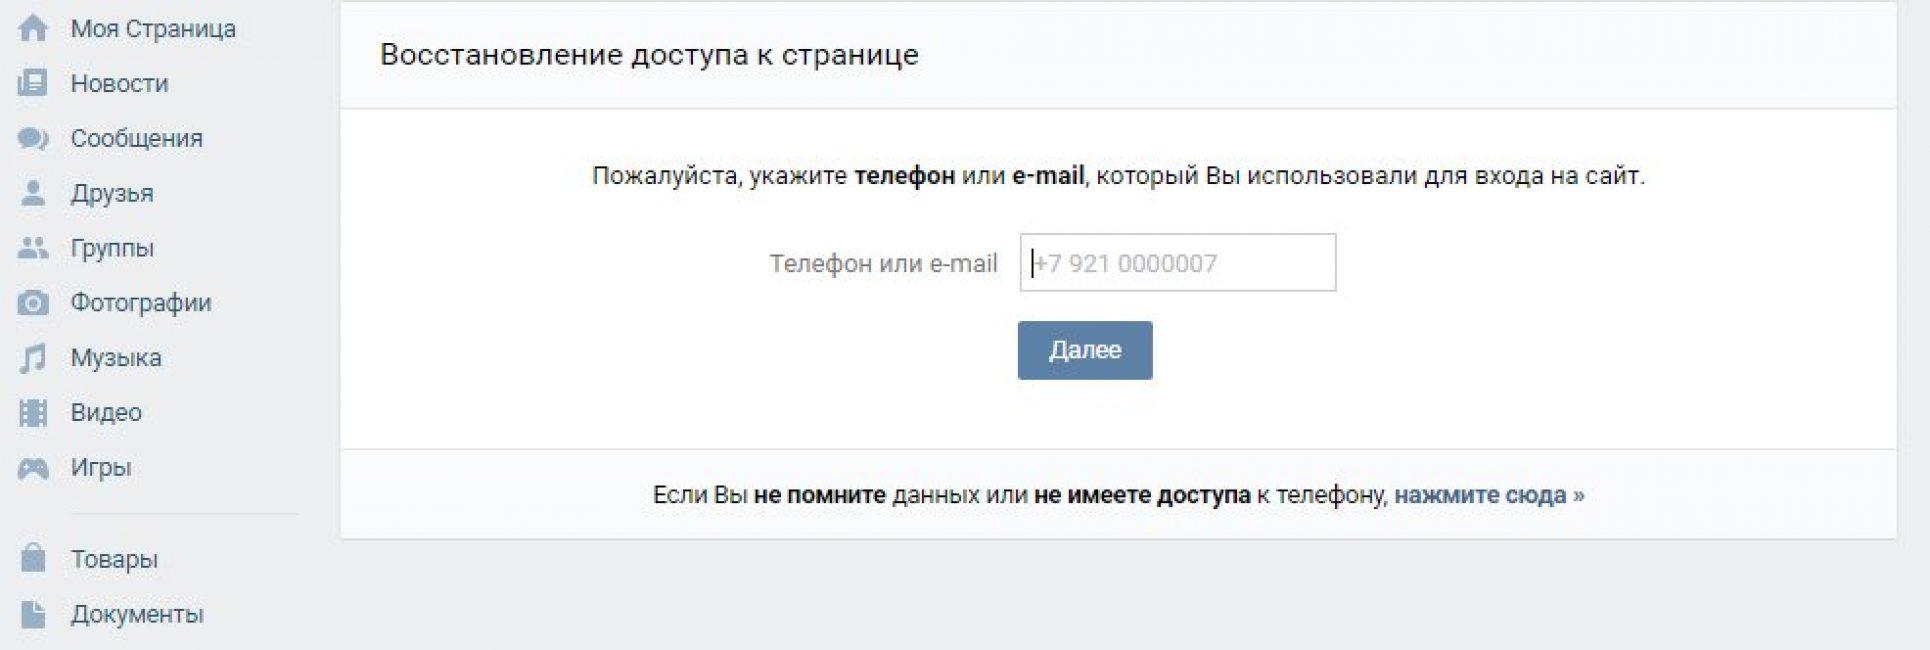 Вводим электронную почту или пароль